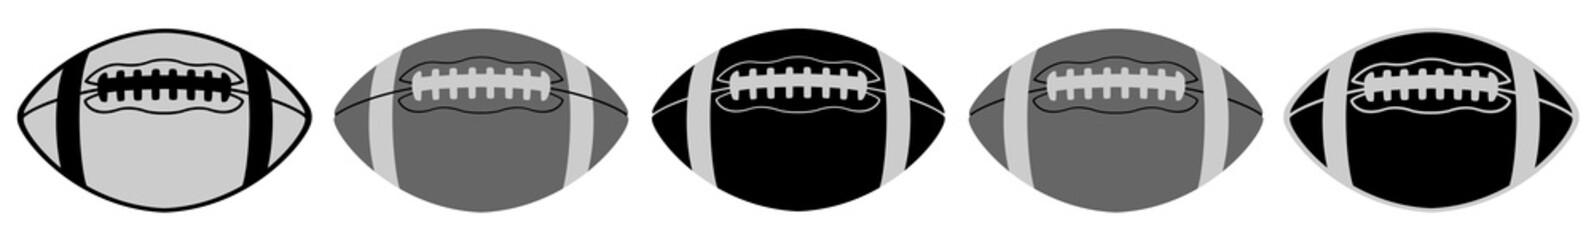 American Football | Ball | Emblem | Logo | Variations